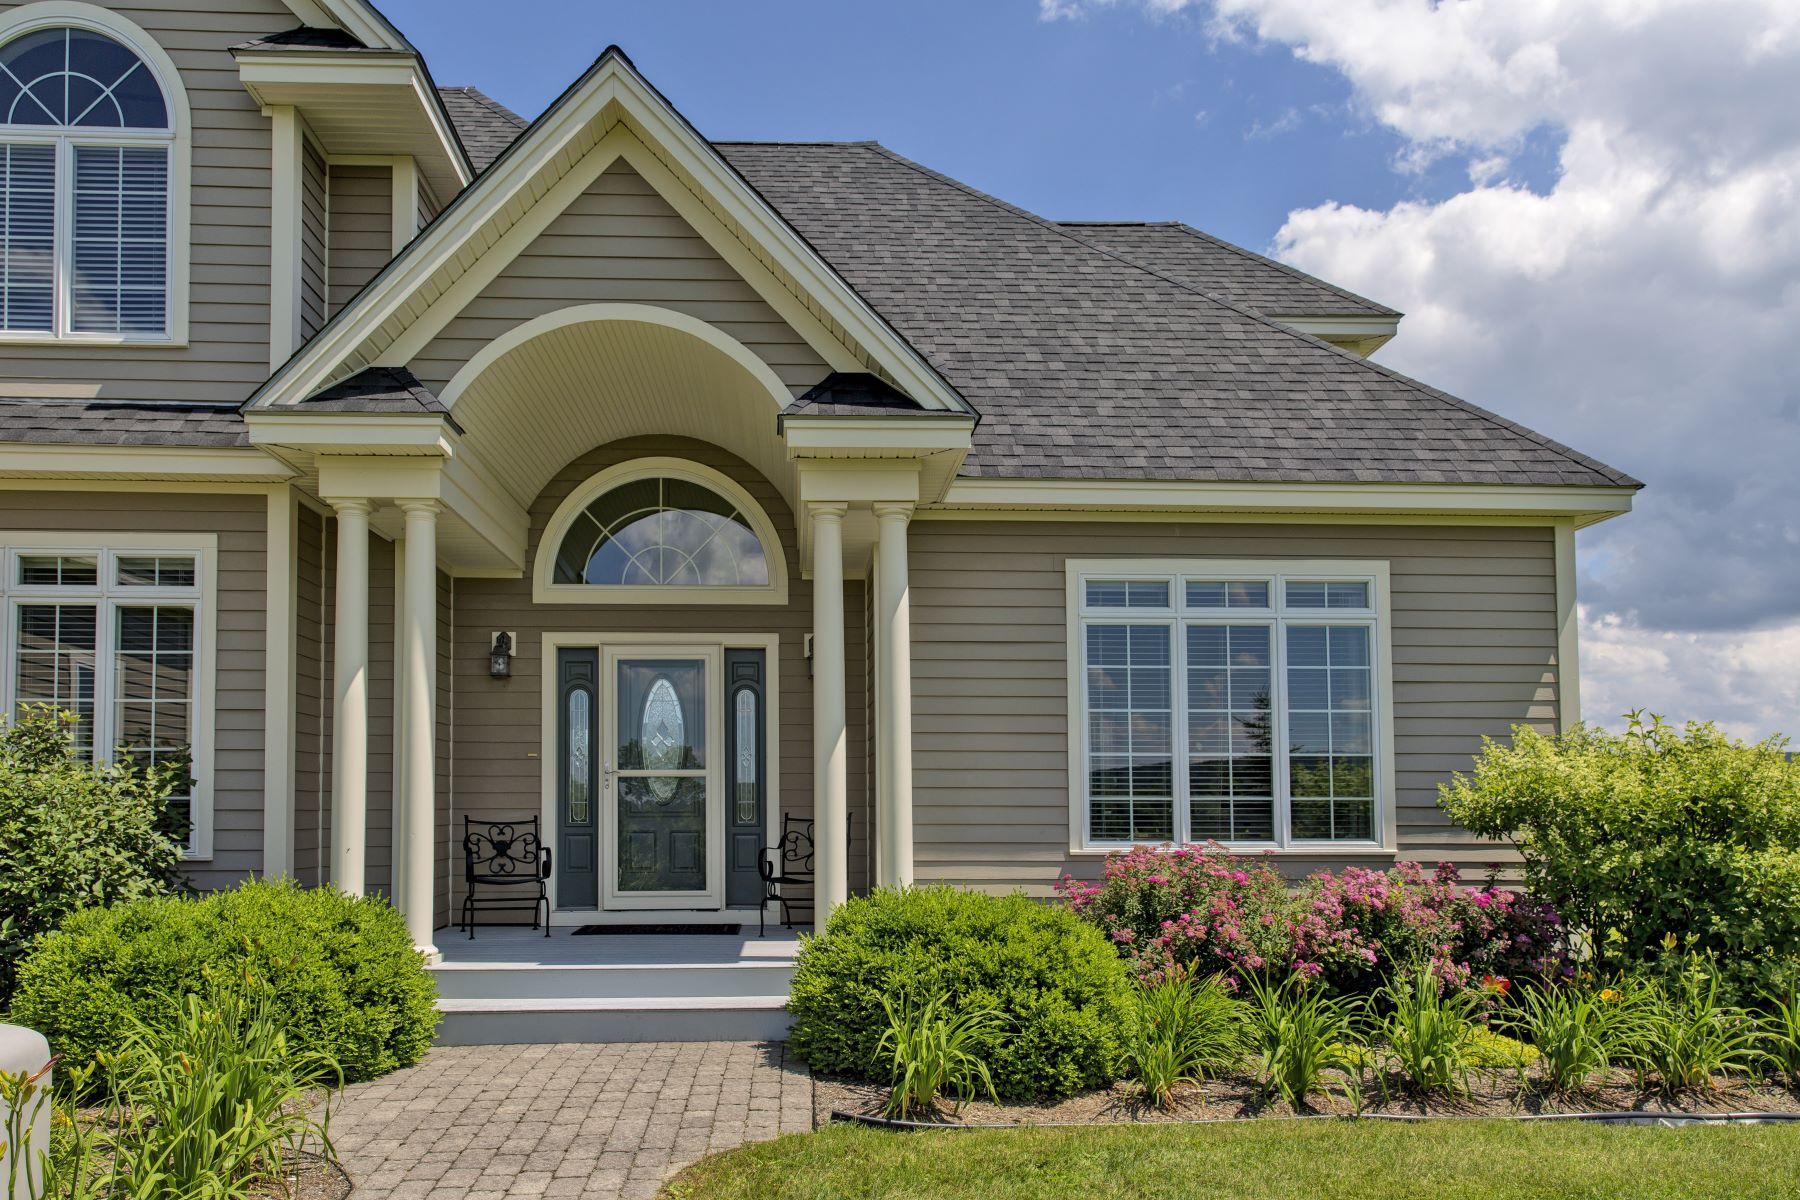 Частный односемейный дом для того Продажа на 97 Daisy Hill, Lebanon Lebanon, Нью-Гэмпшир, 03766 Соединенные Штаты